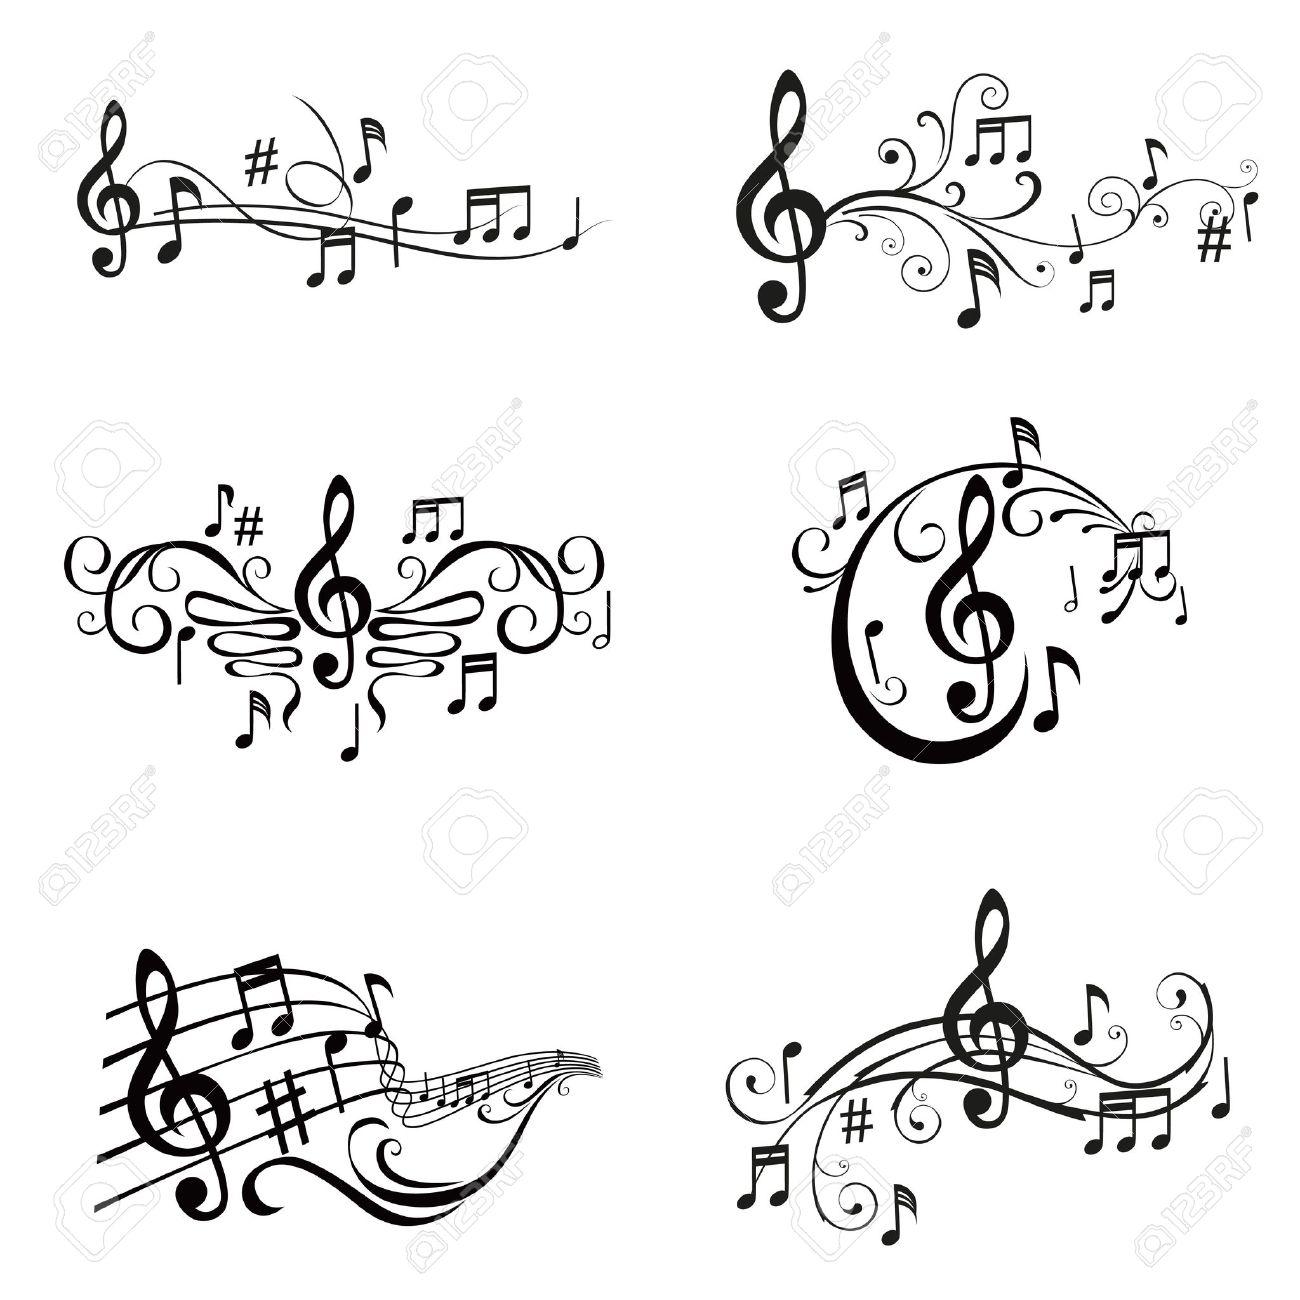 ミュージカル ノート イラスト ベクトルのセットのイラスト素材